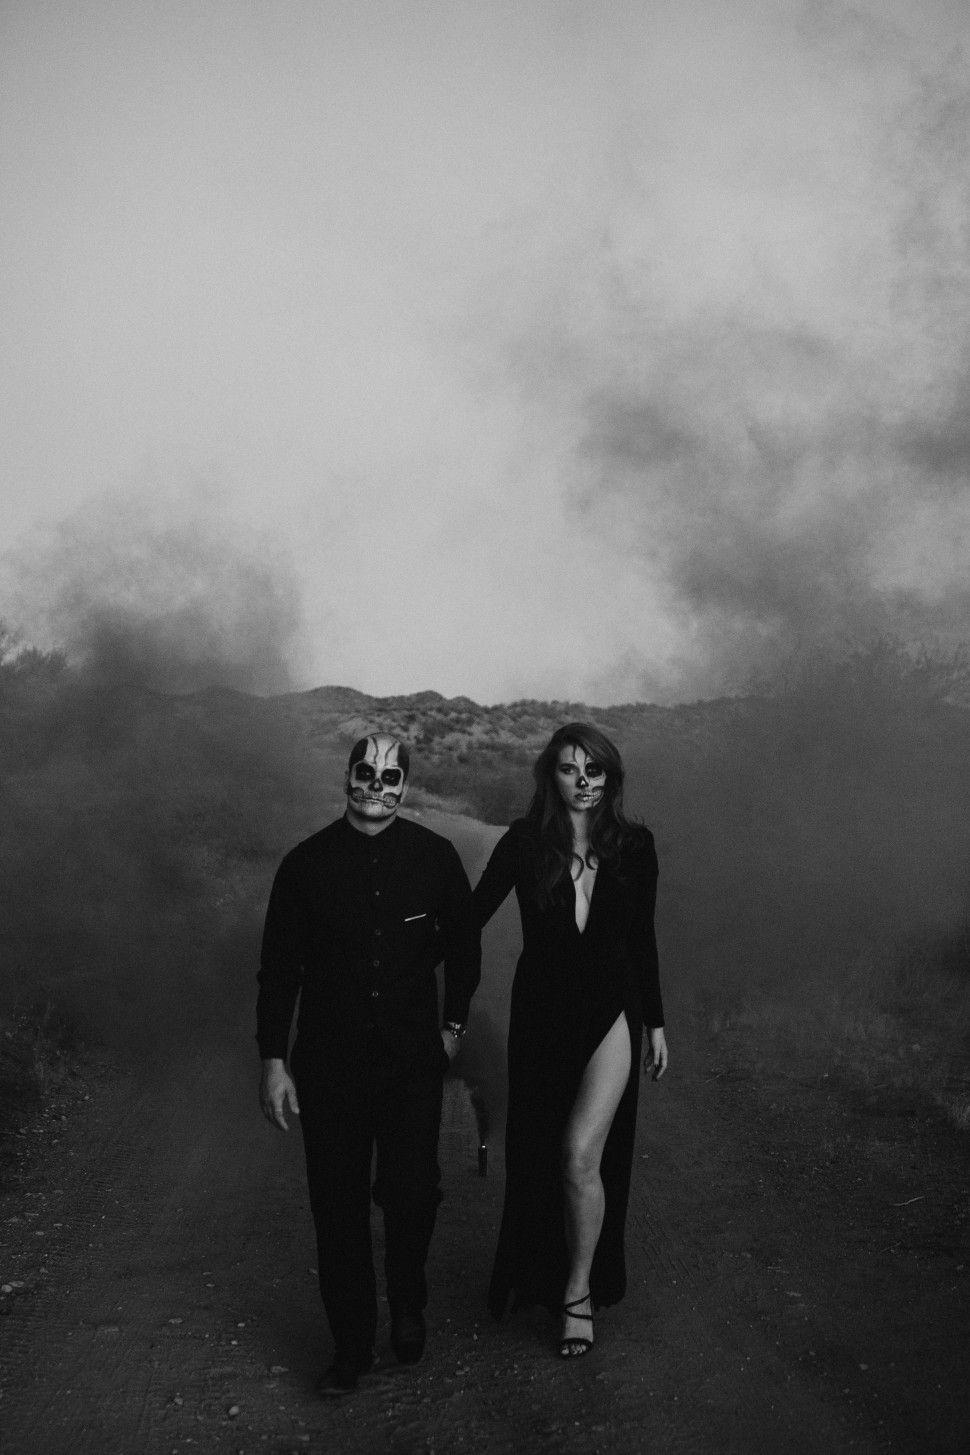 Halloween photoshoot 🎃 Smoke bomb 🖤 Skeleton couple 💀 IG: @tnishadawsonphotography #arizonaphotographer #azphotog #arizonalgbtqphotographer #arizonalove #allblackeverything #bandw #blackandwhitephotography #blackweddingdress #bride #darkandmoody #desertdreaming #elope #elopementphotographer #fall #halloween #halloweenphotoshoot #halloweencouple #photographyismagic #photographthesoul #portraits #rawemotions #radcreative #shotwithlove #skullmakeup #spookyseason #spookycouple #skeletoncouple